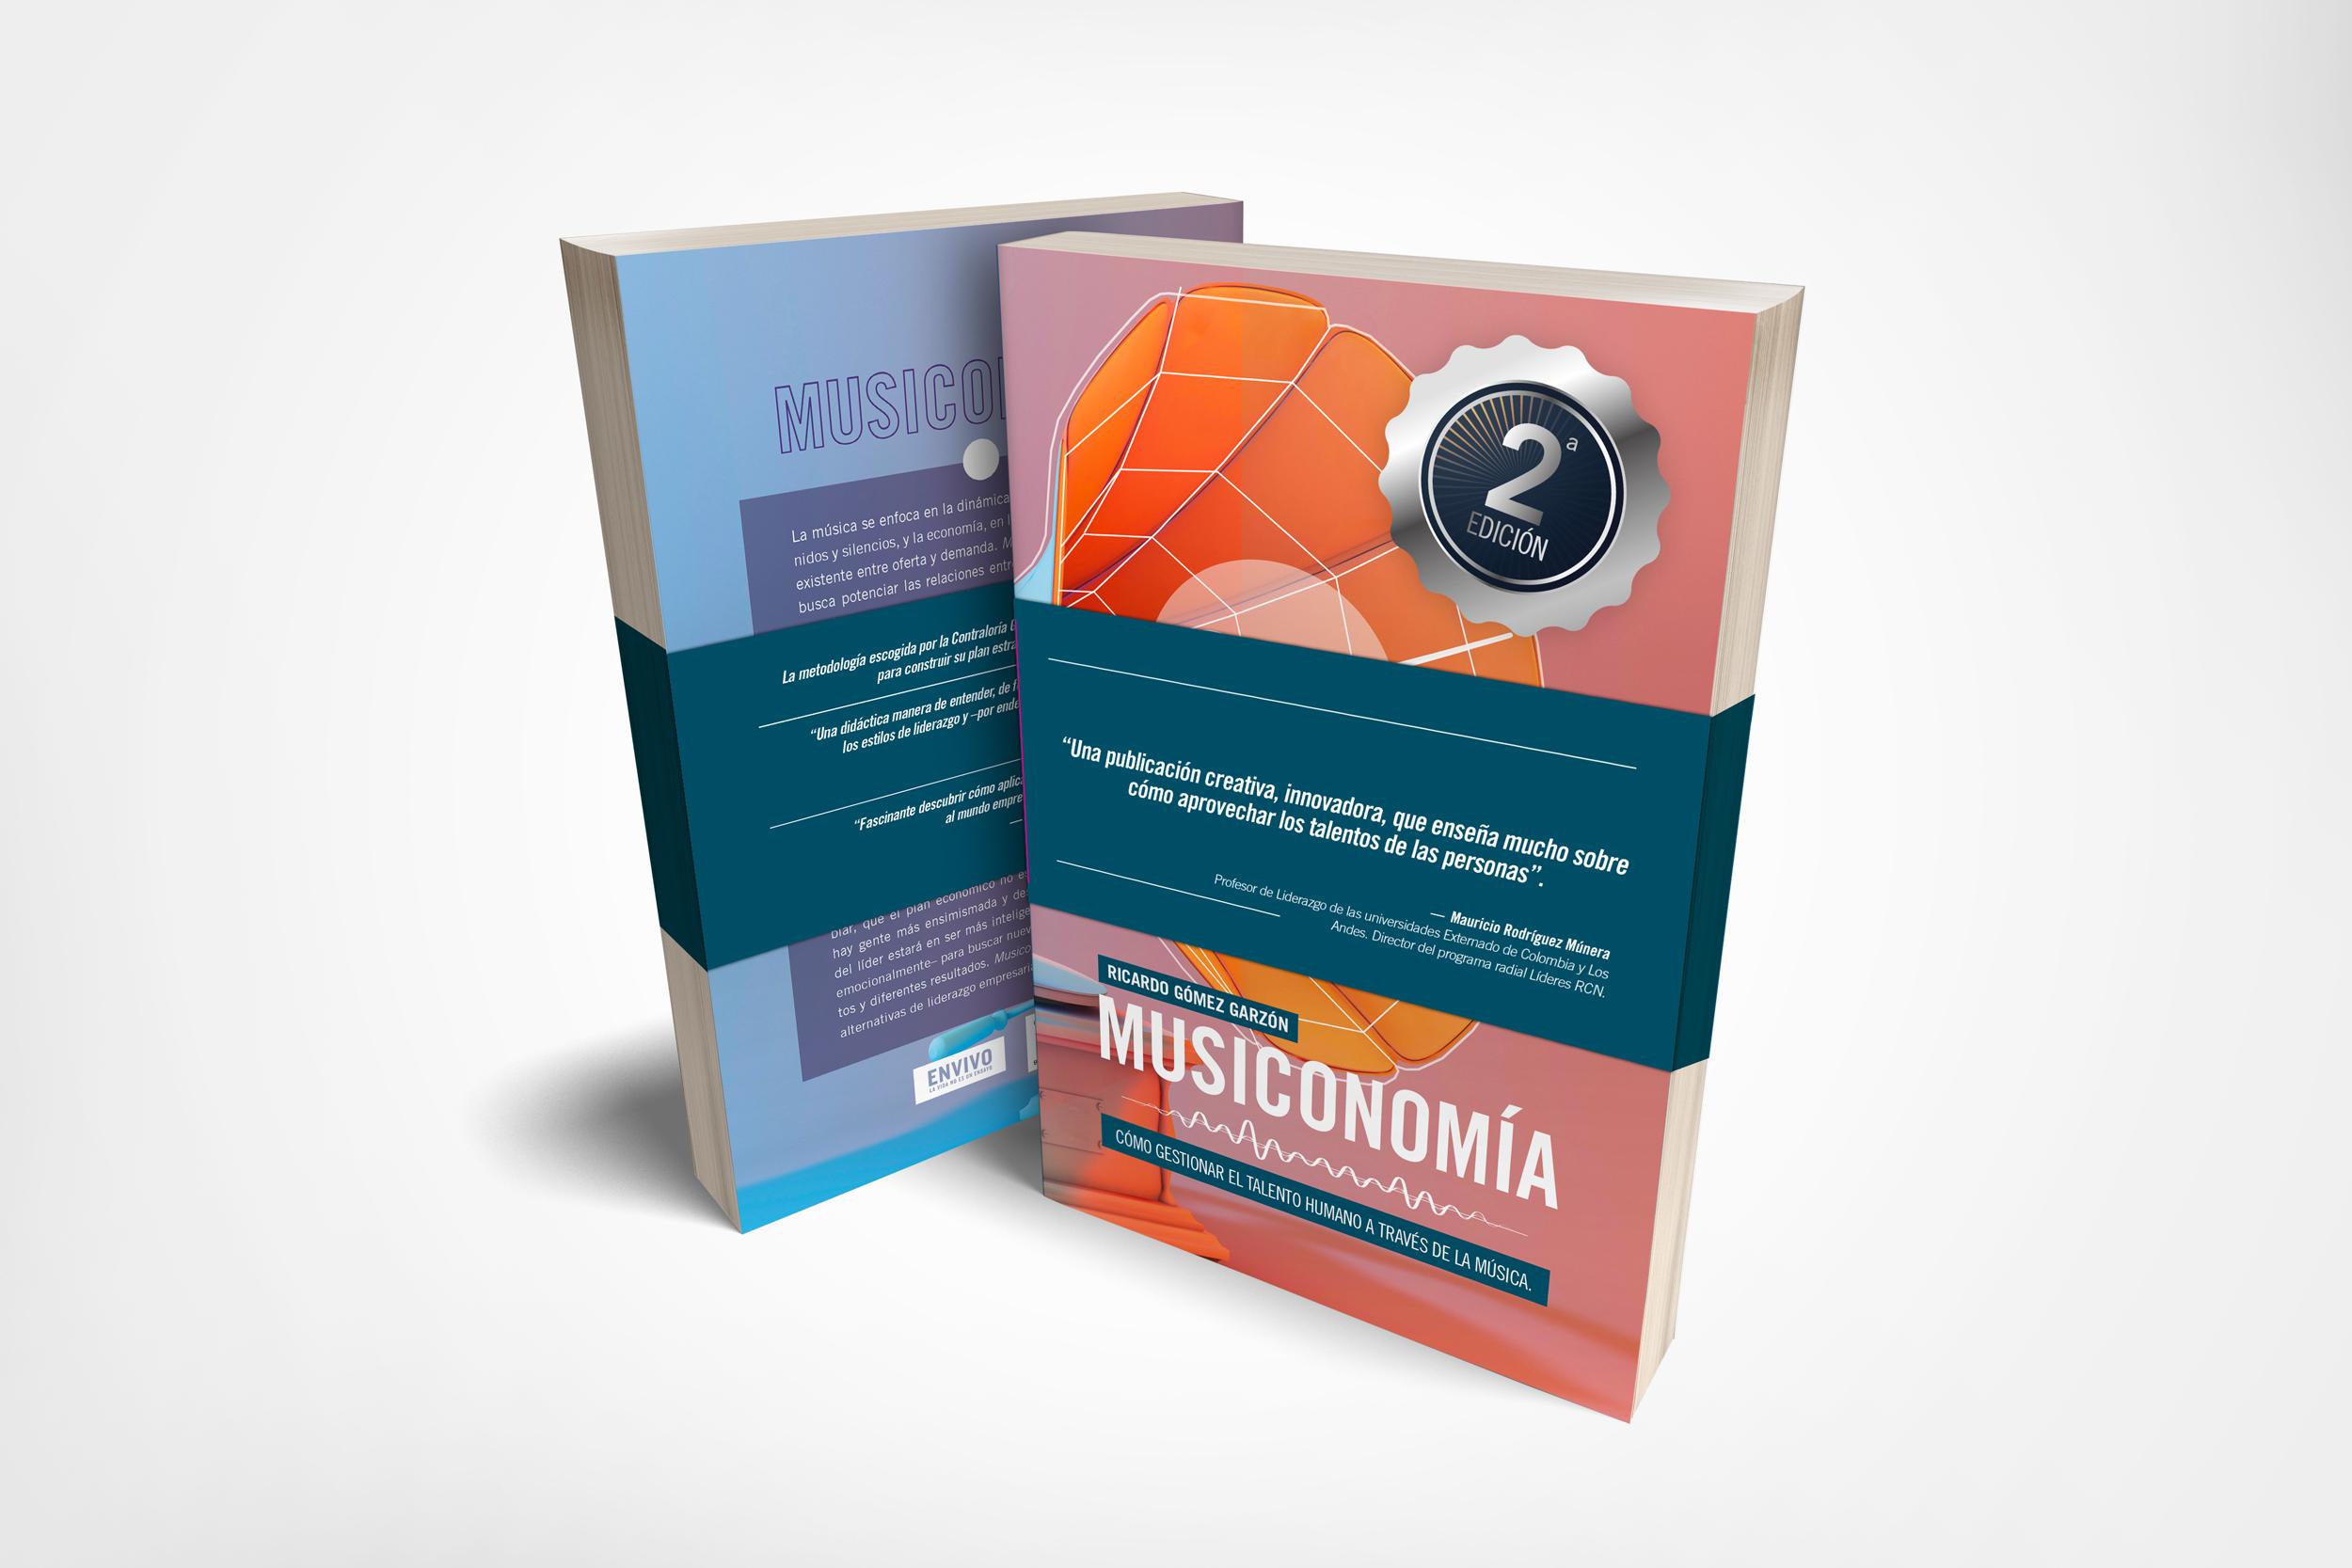 Musiconomia-edicion2-2.jpg